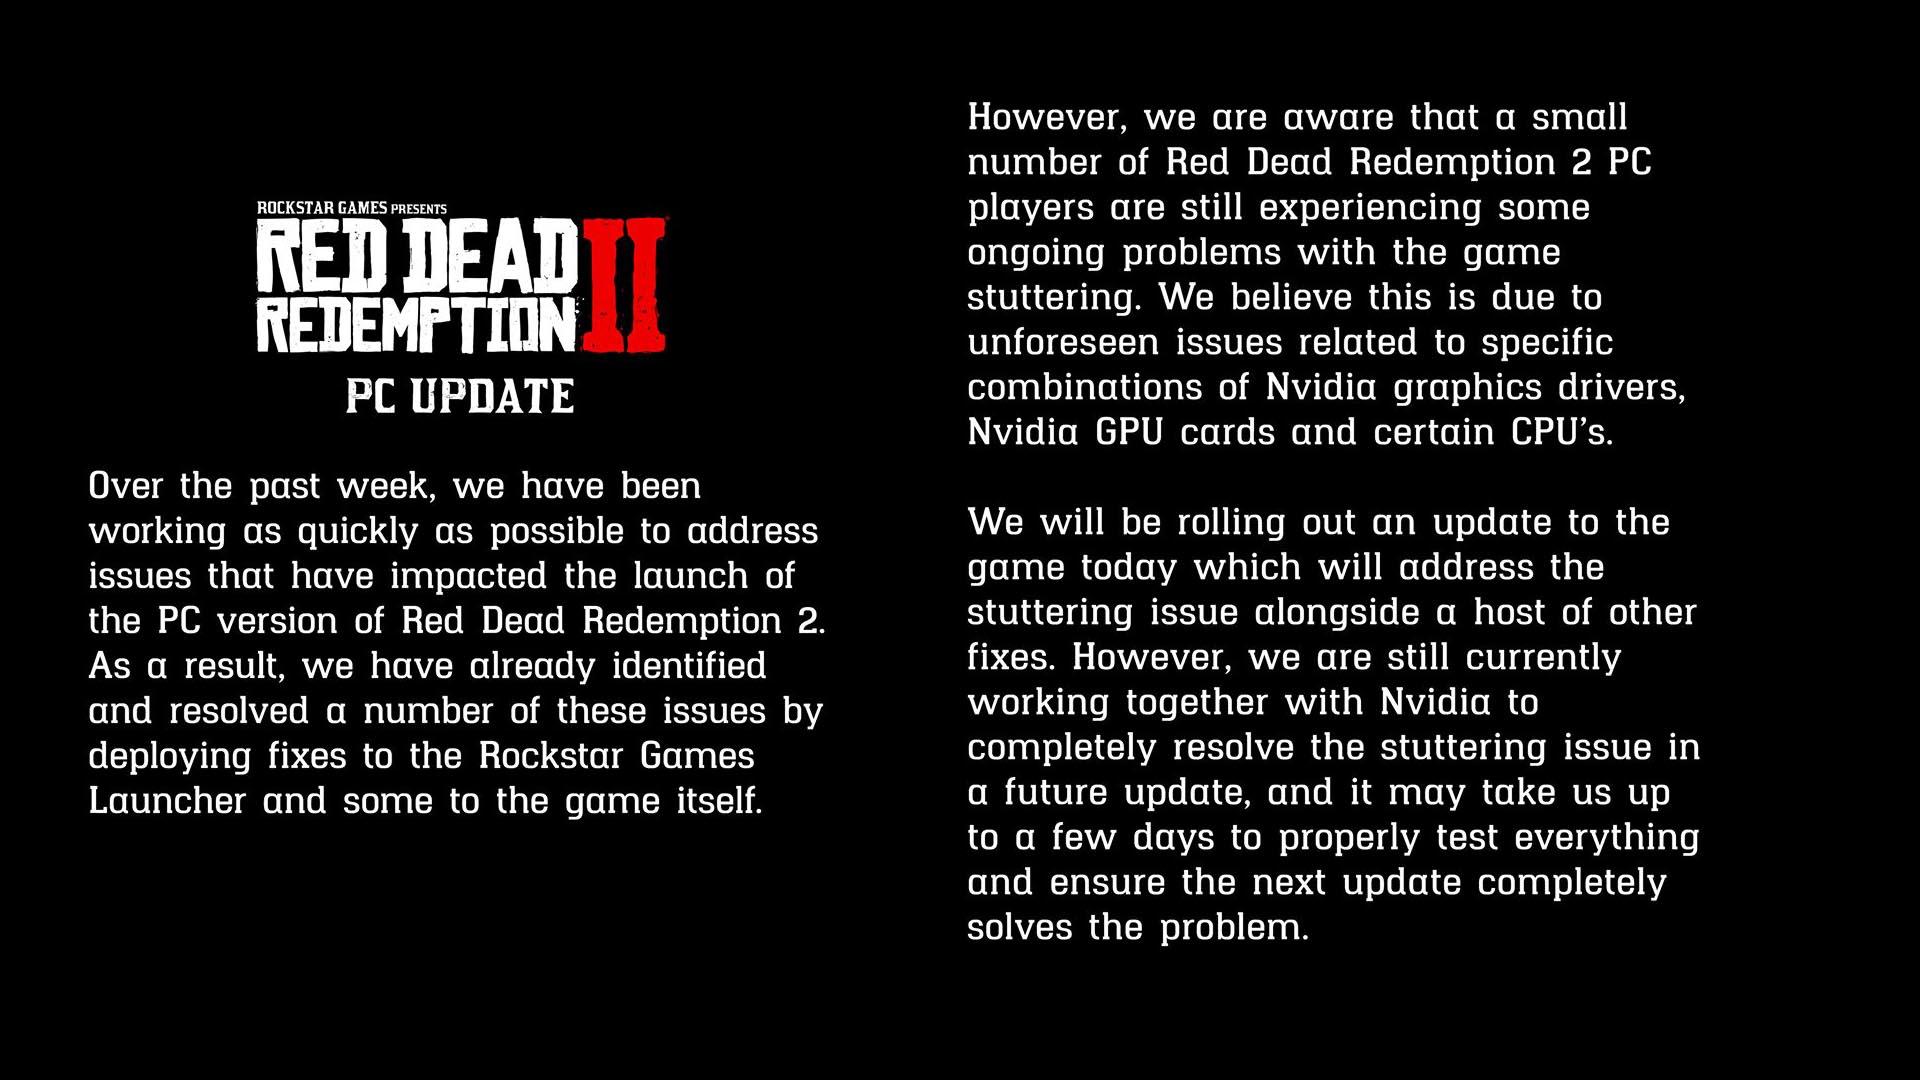 rockstar red dead redemption update